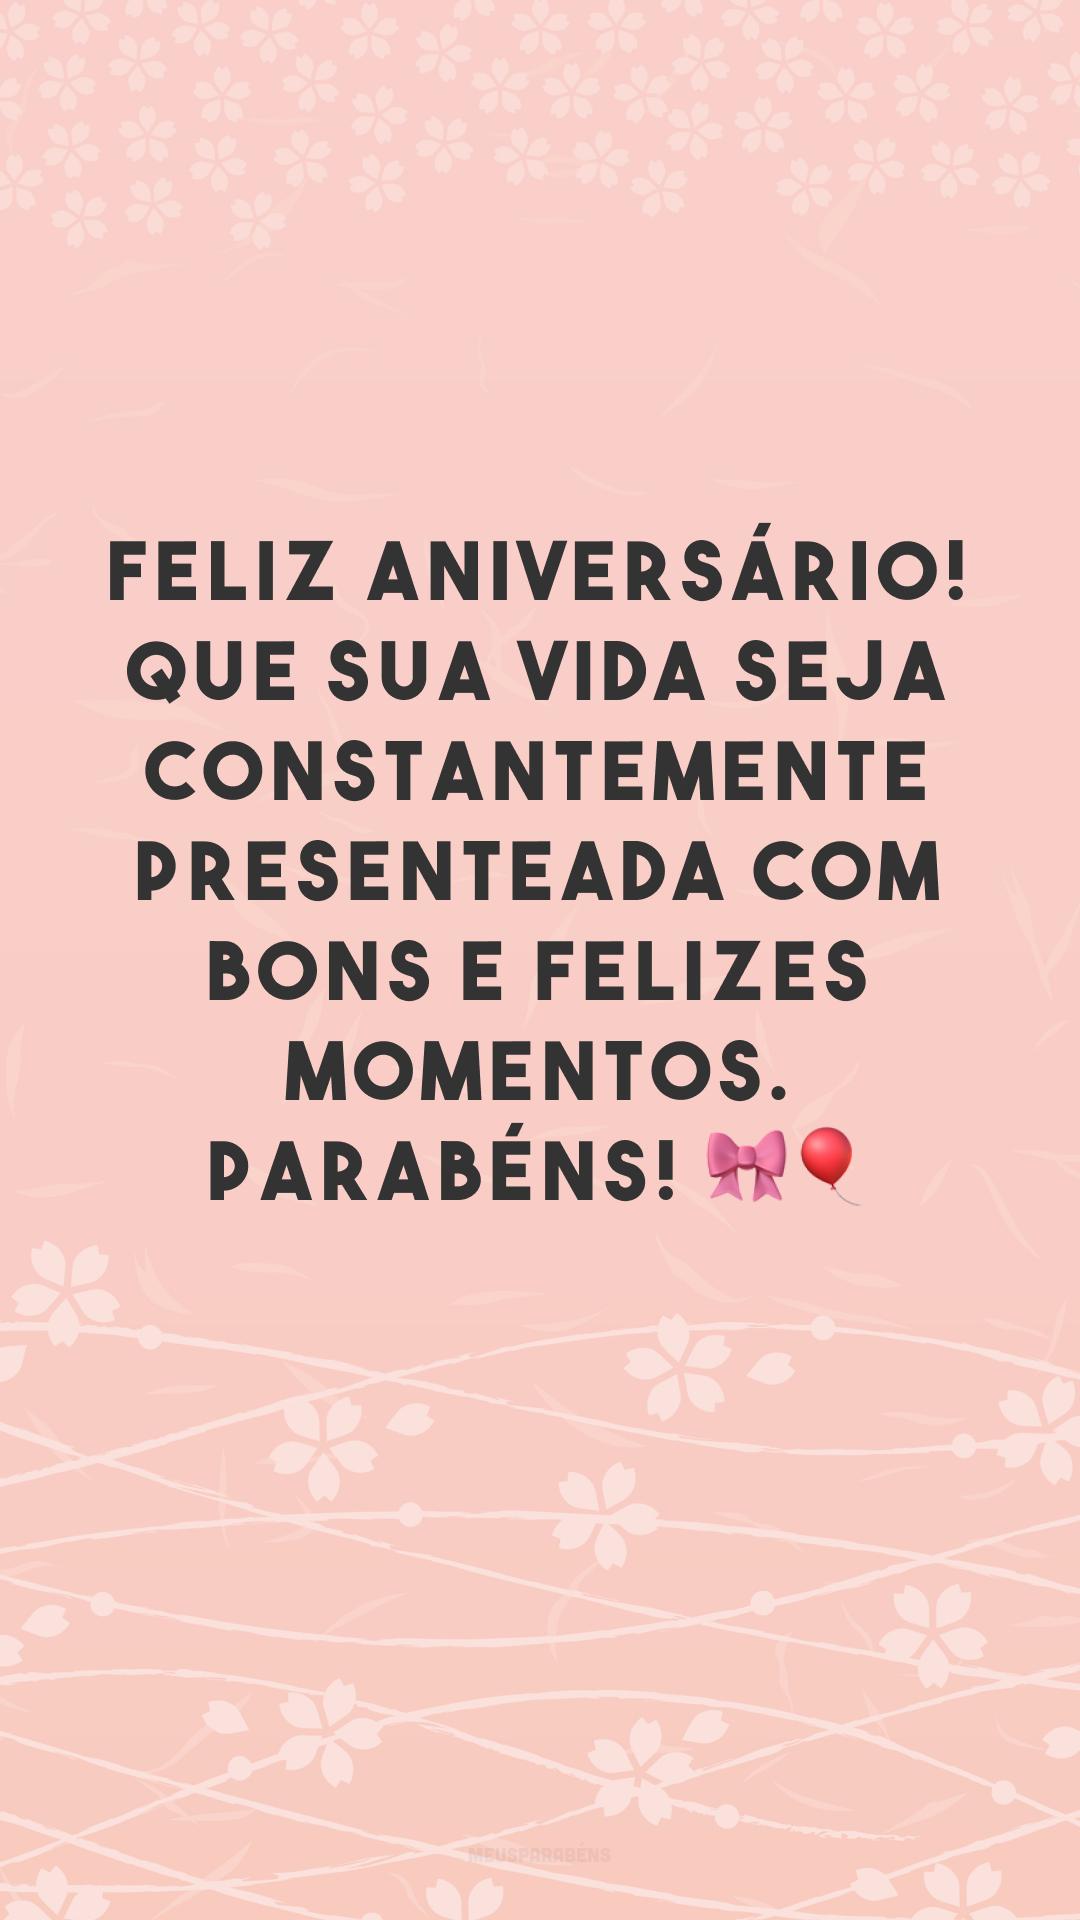 Feliz aniversário! Que sua vida seja constantemente presenteada com bons e felizes momentos. Parabéns! ??